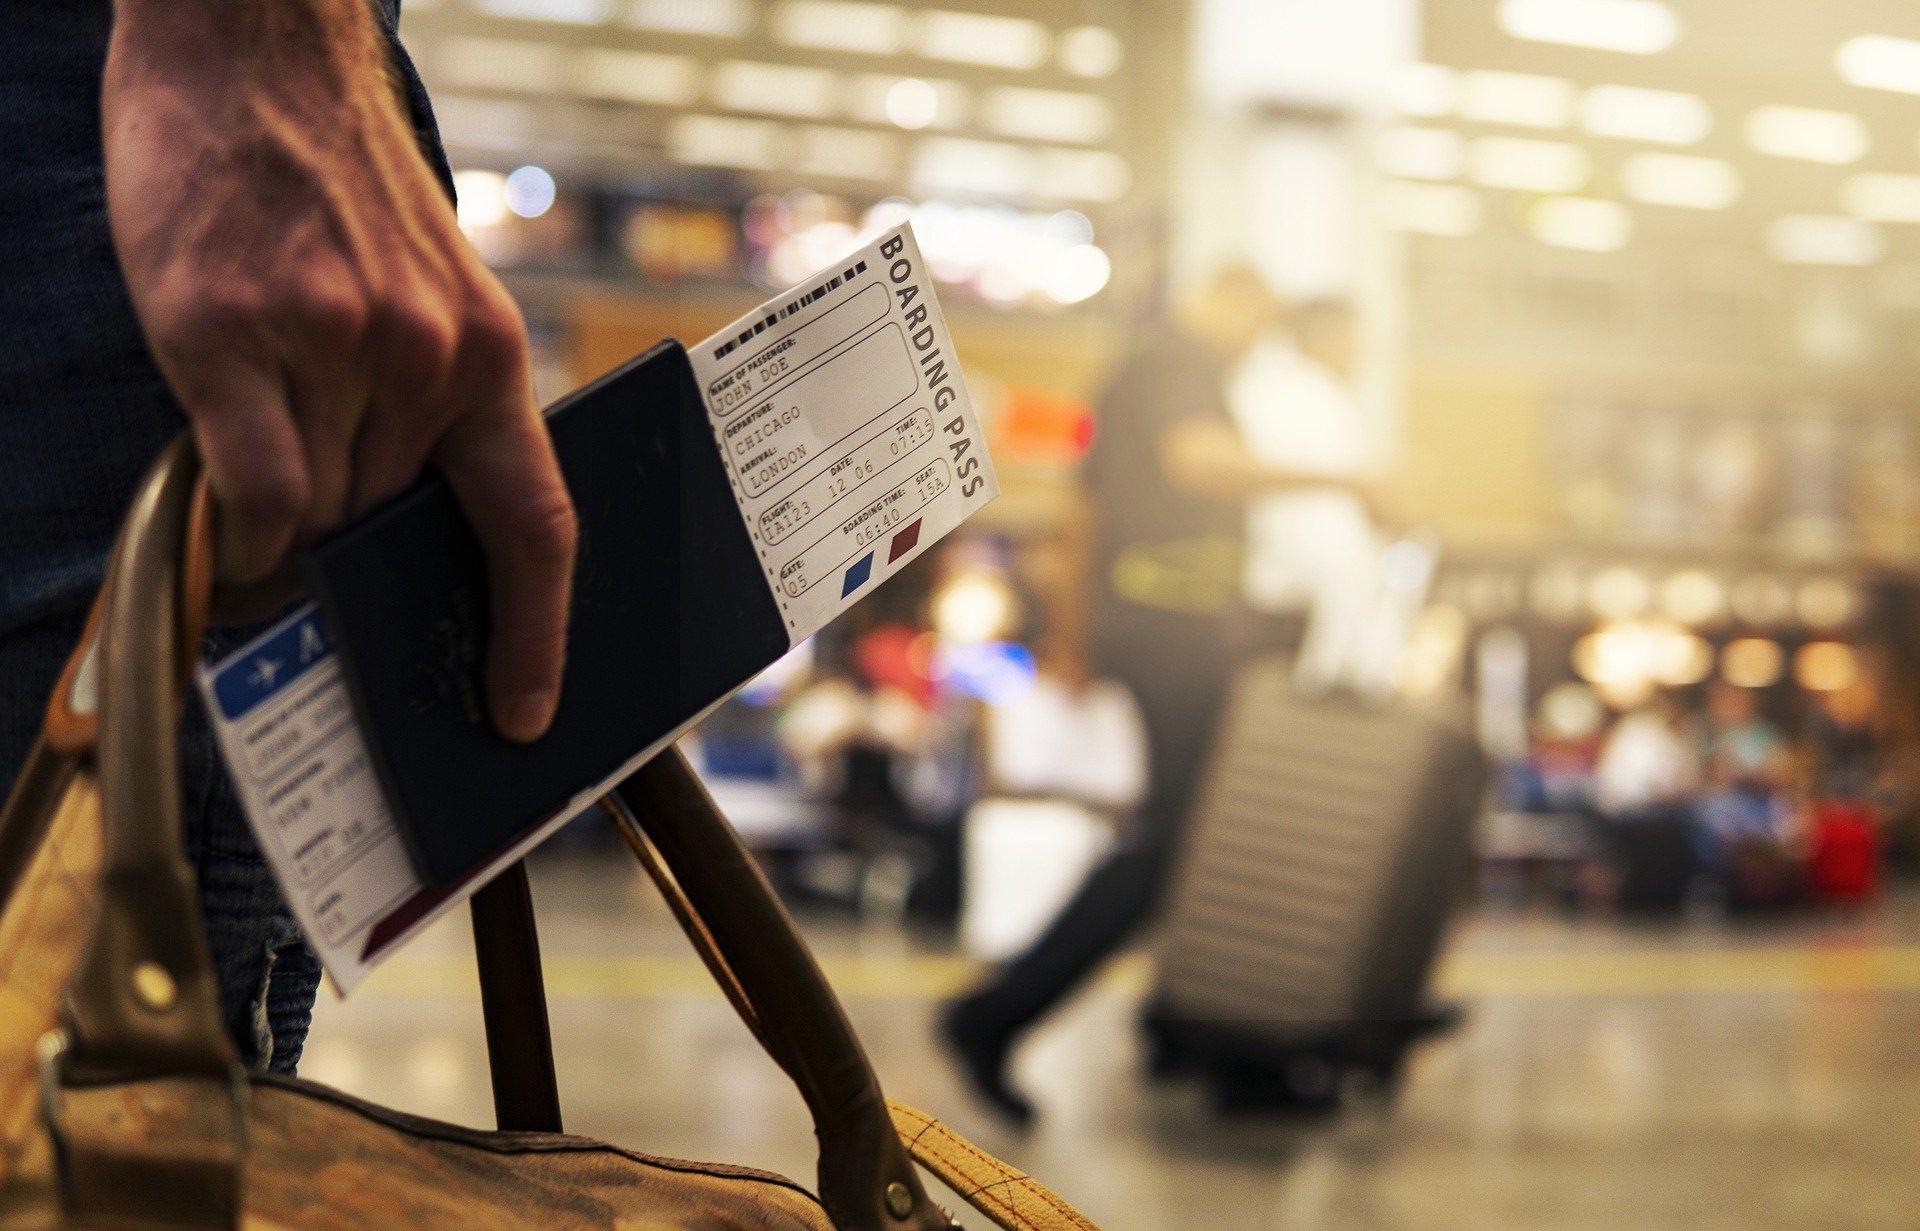 Airport situation - Sumber foto: J. Woroniecki (Pixabay)